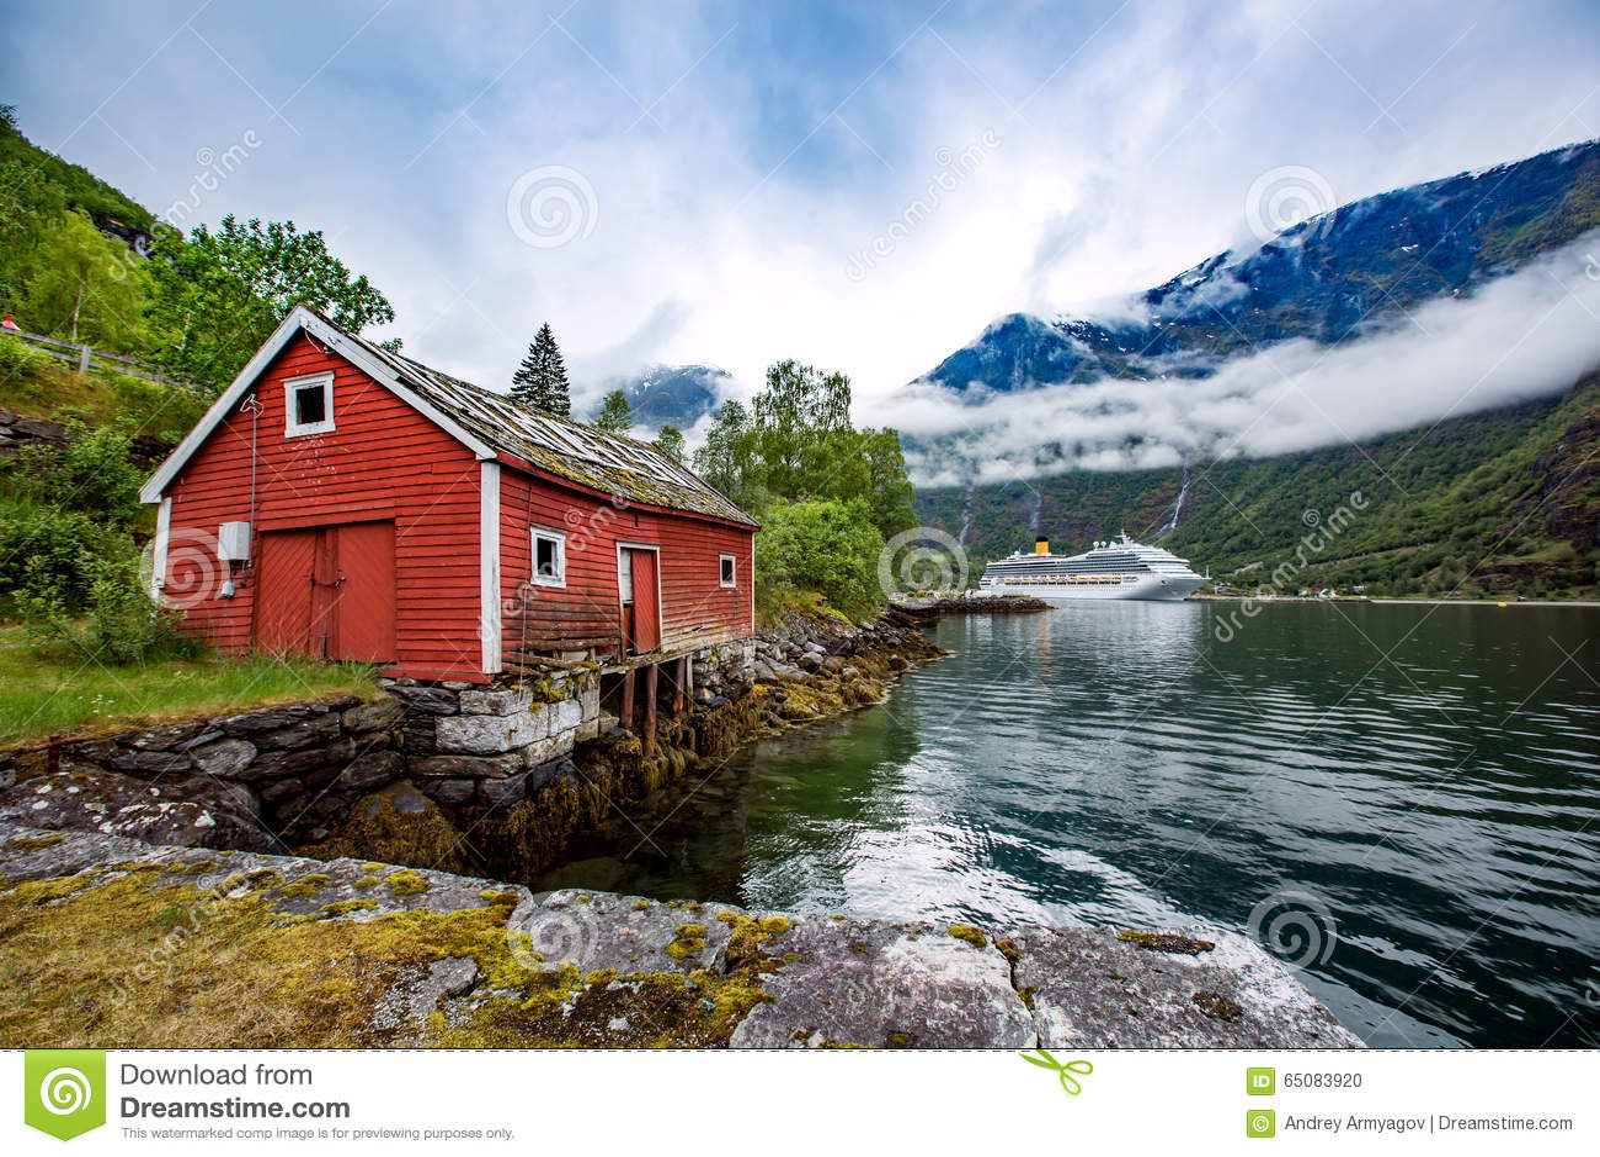 Het landschap van noorwegen het huis op de kust van de fjord in bac stock foto afbeelding - Huis van de wereld fjord ...